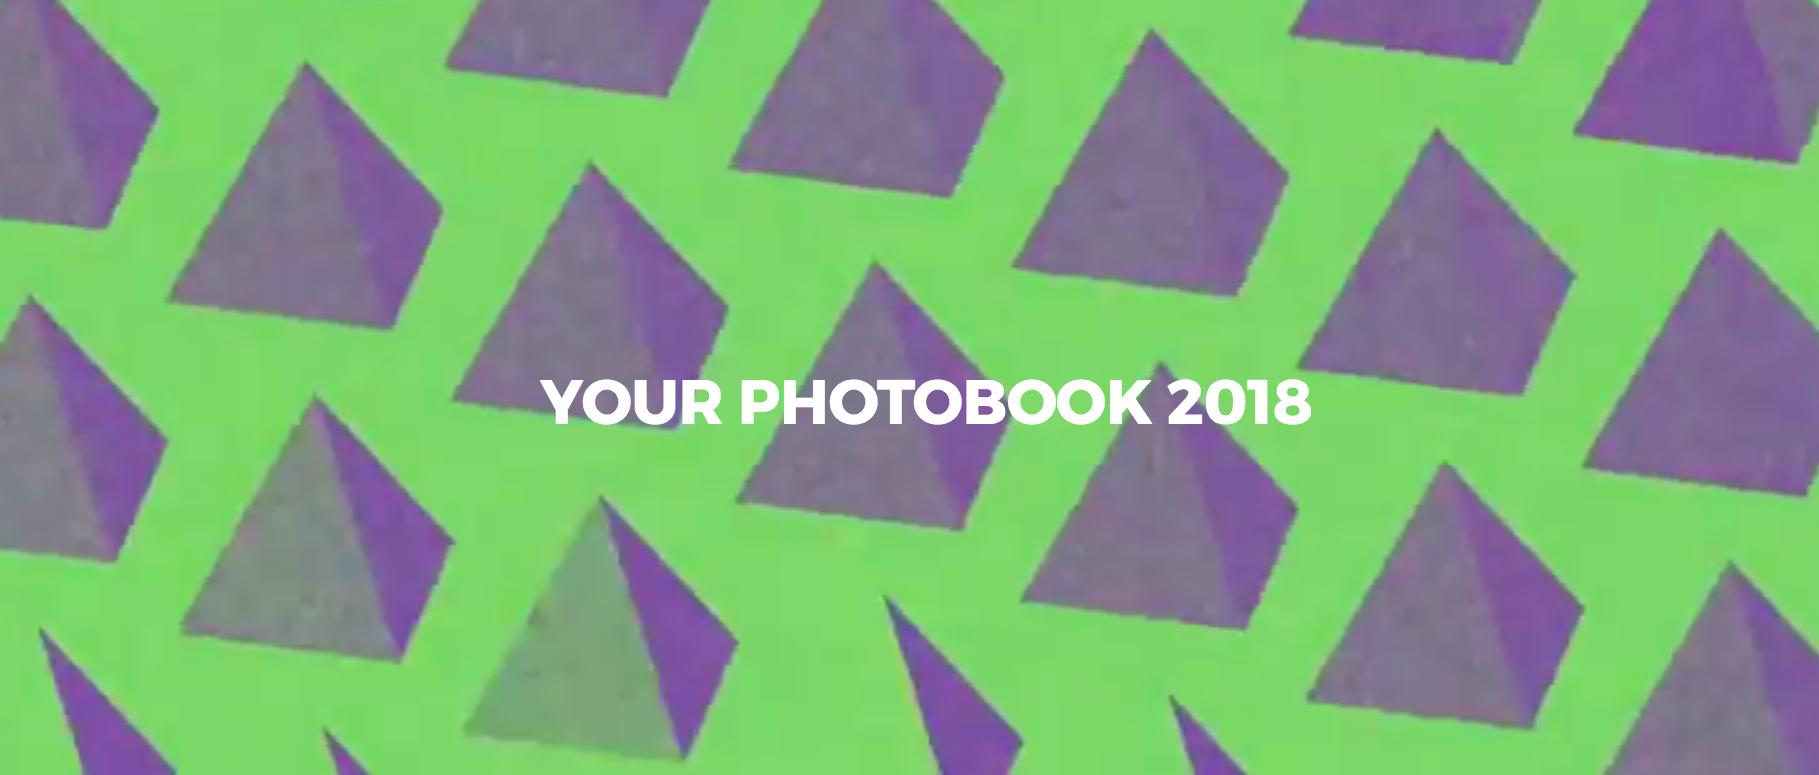 Your Photobook